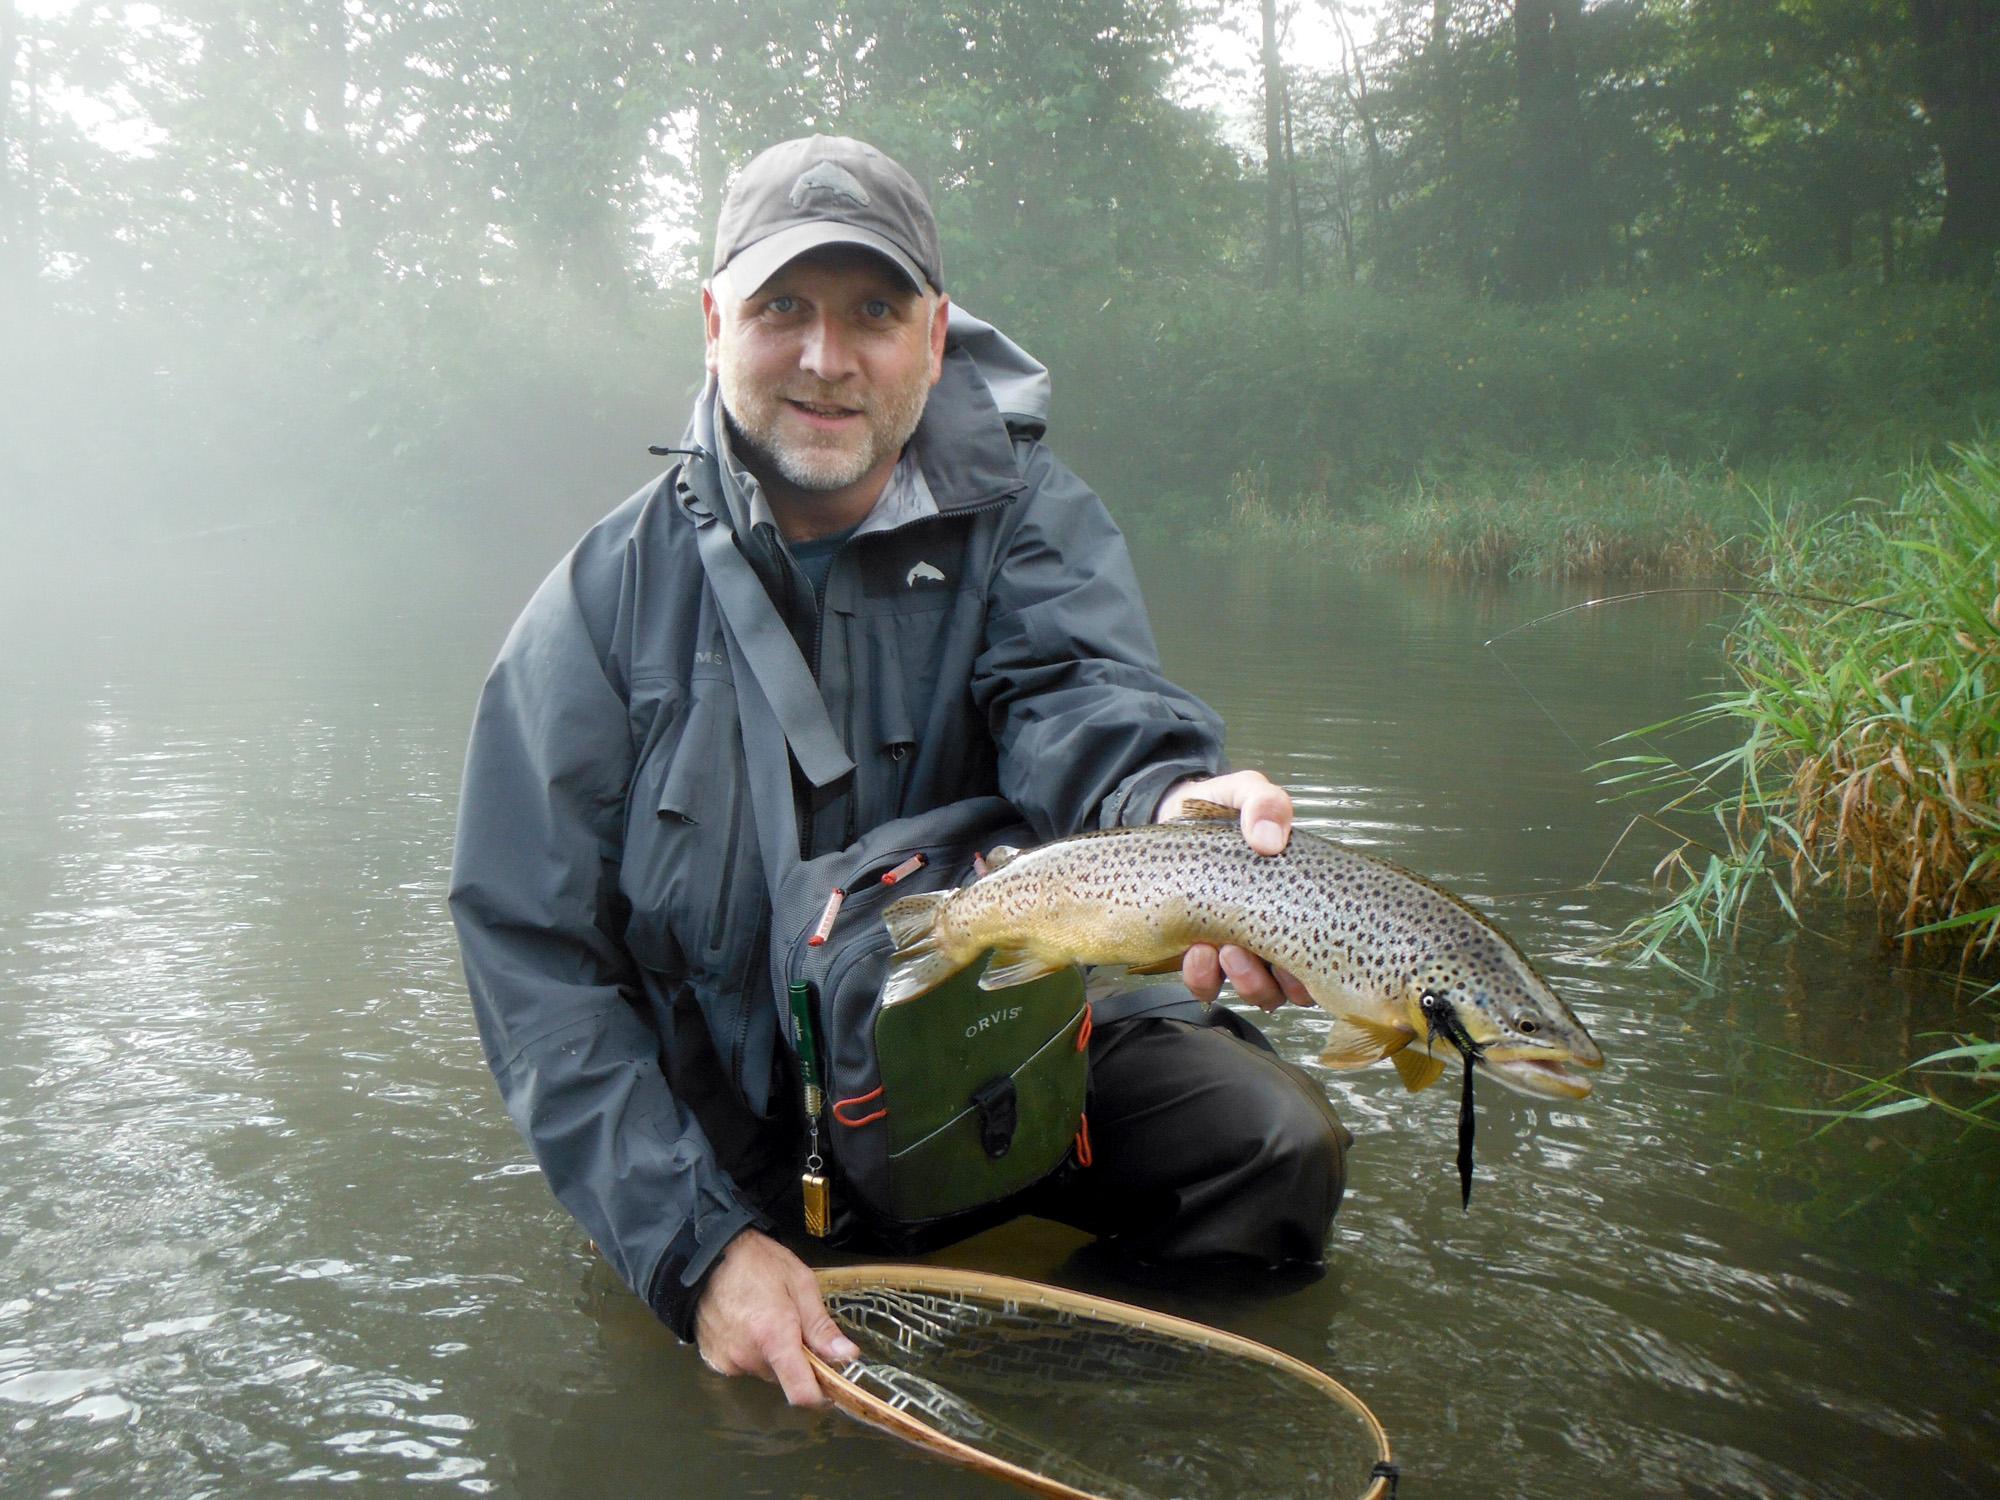 Paul weamer angler sport group for Fly fishing split shot